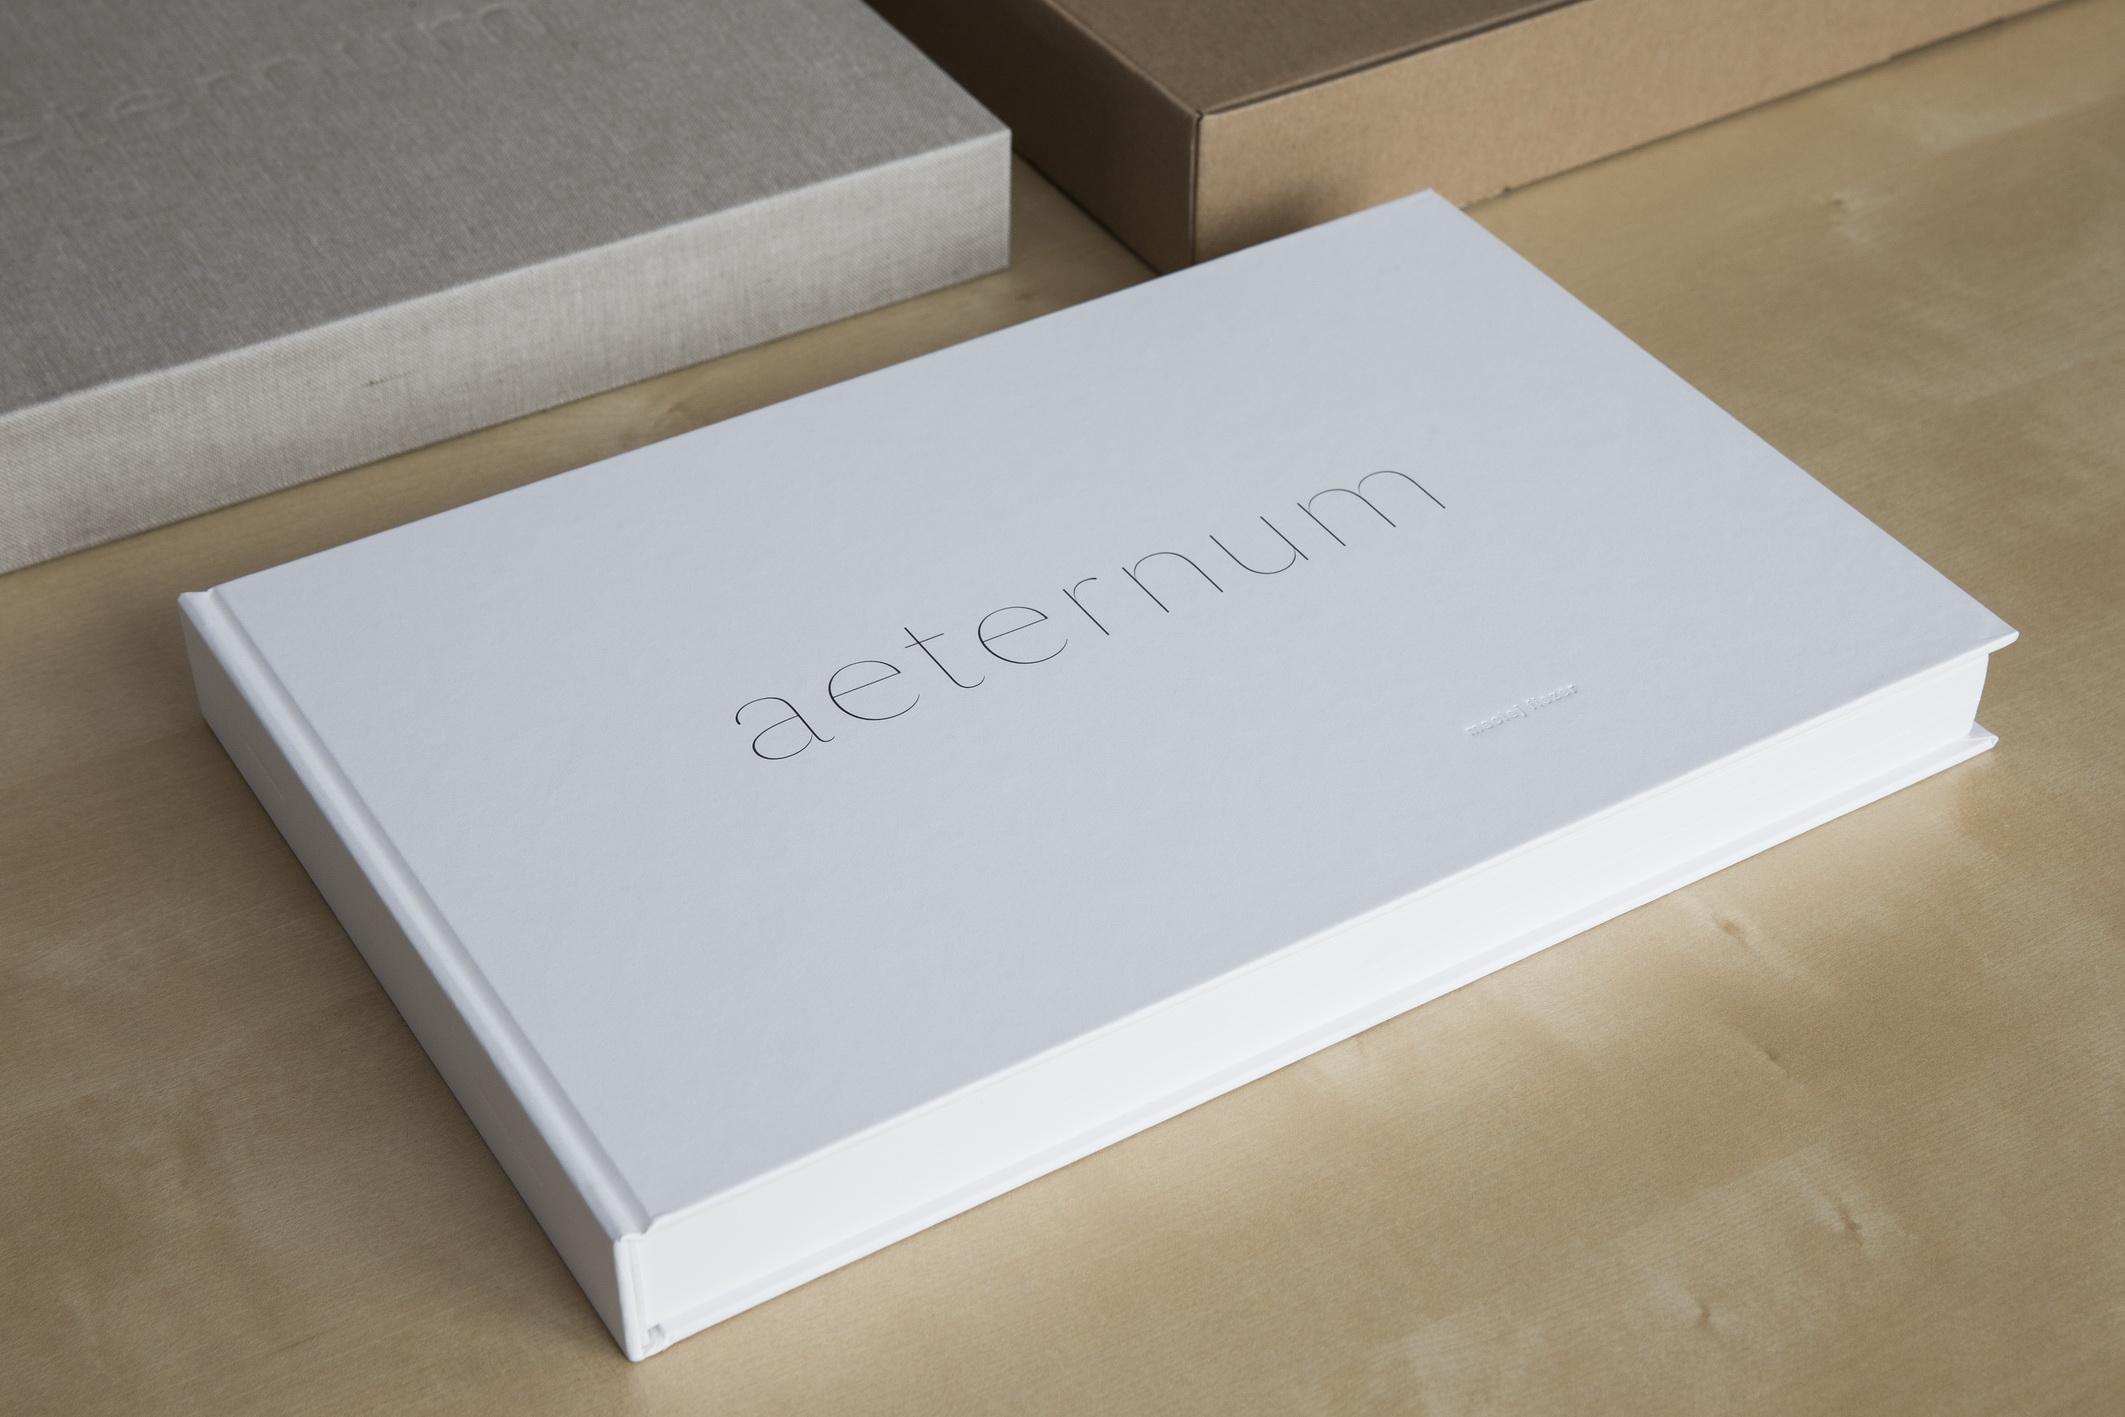 05-Album-AETERNUM-_resize.jpg